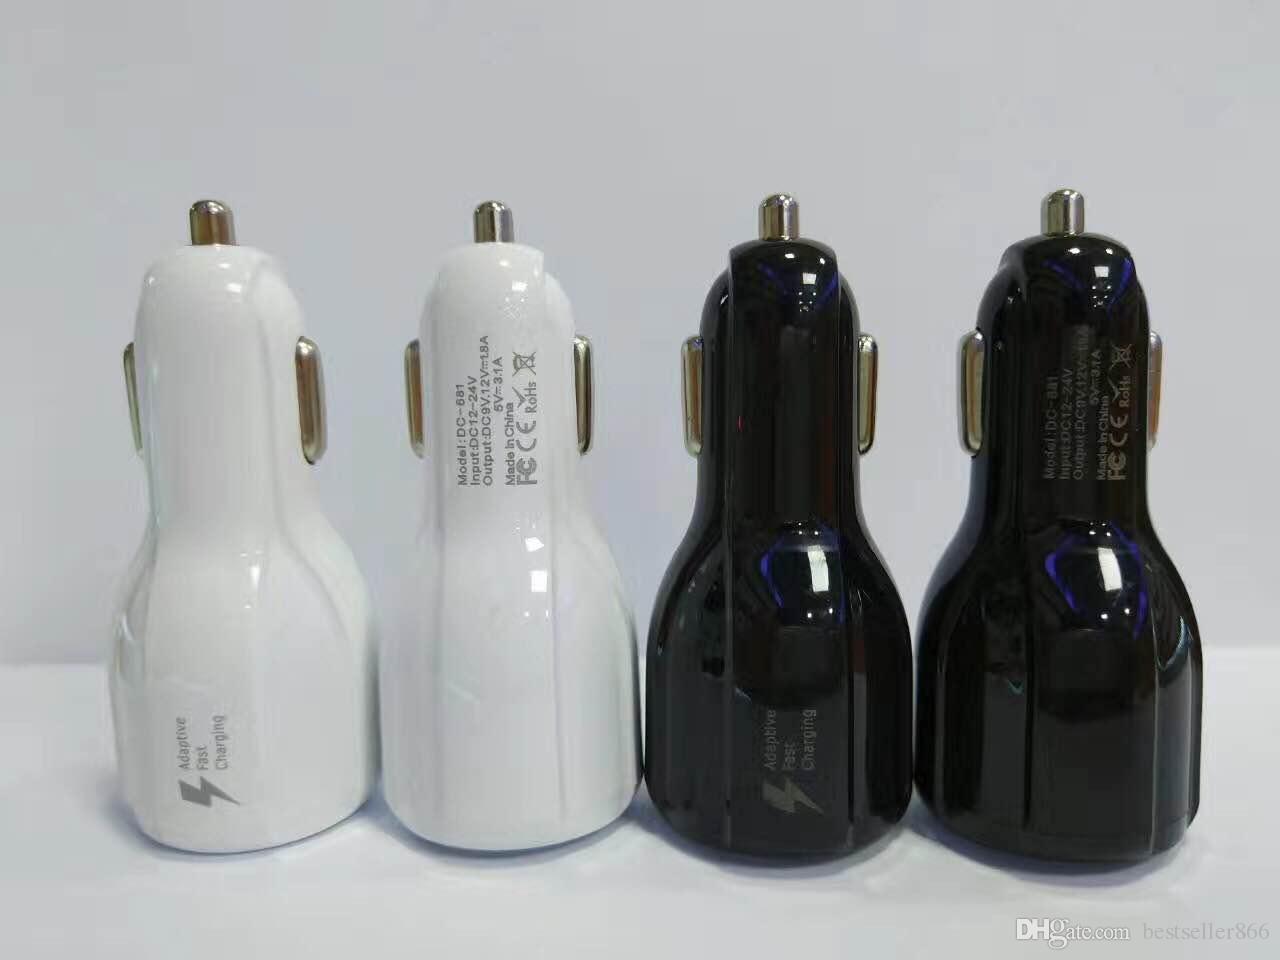 جودة عالية العالمي المزدوج 5 فولت 9 فولت 12 فولت usb شاحن سيارة سريع لسامسونج s7 s7 حافة s6 s6 الحافة